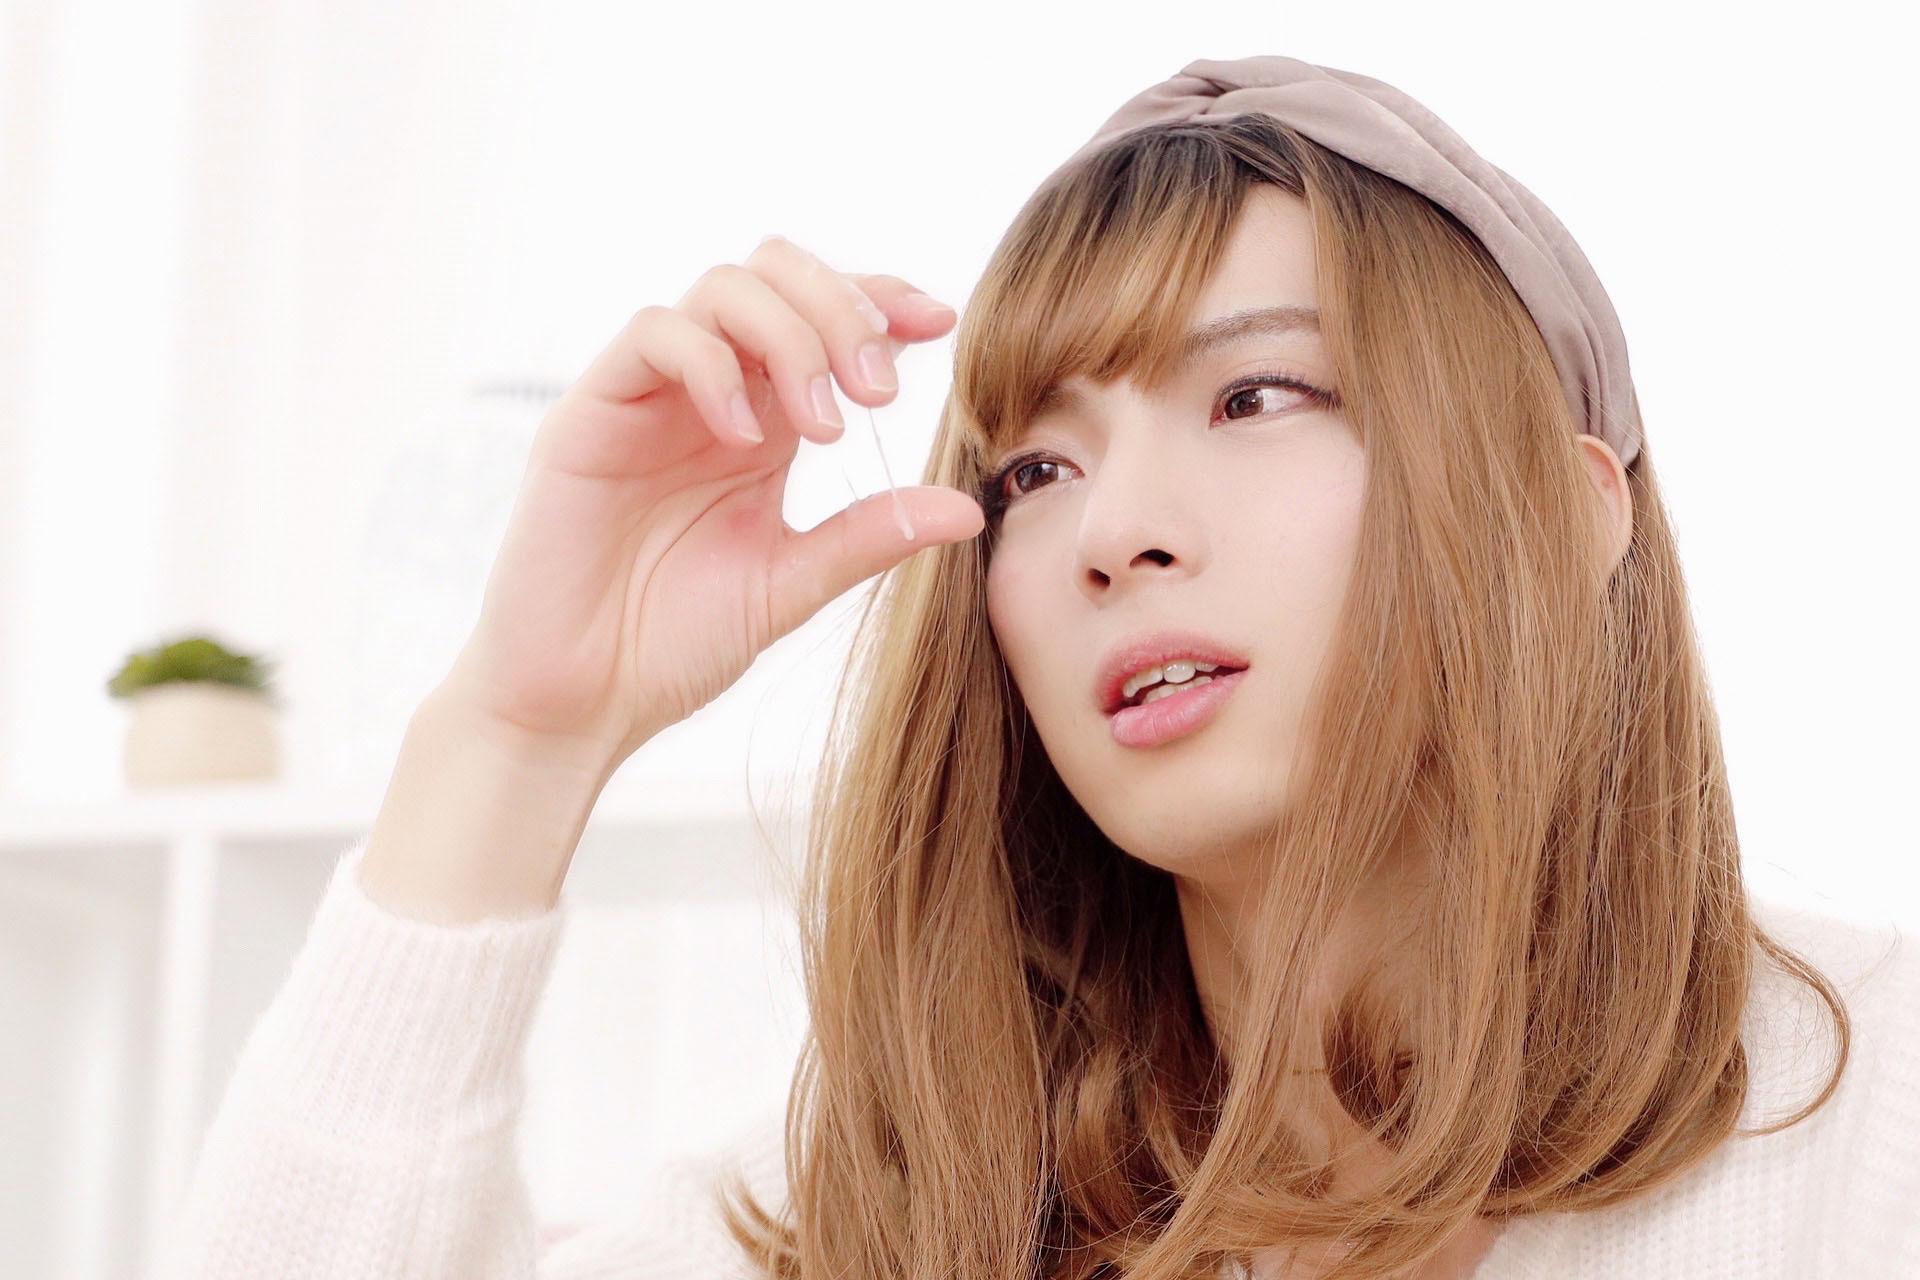 独占デビューDEBUT ここでしか見れない奇跡 初女装 リナRina 画像10